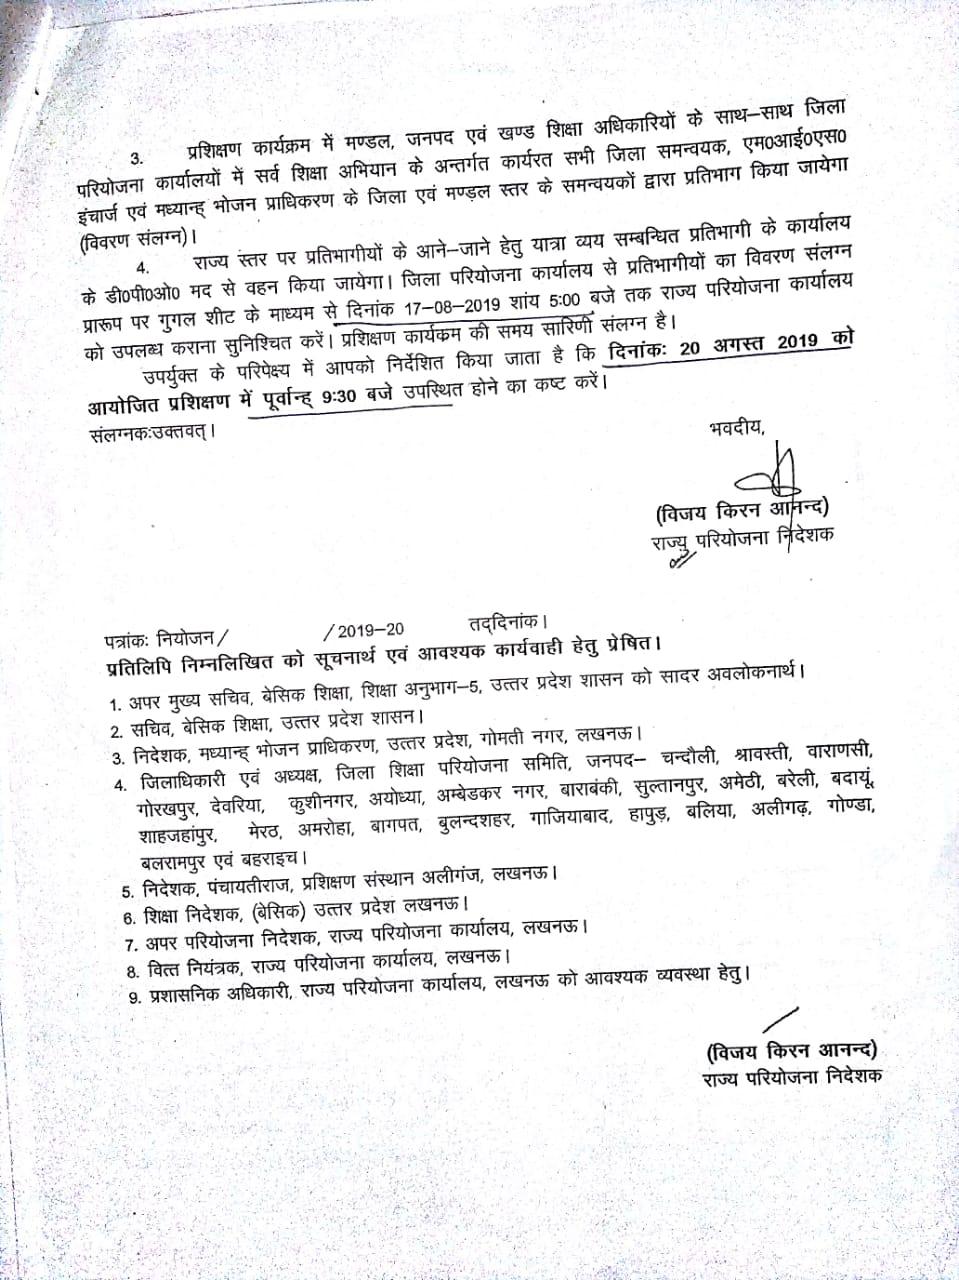 प्रेरणा एप ( prerna app training govt order ) पर कार्य करने के लिए शासन द्वारा प्रशिक्षण दिए जाने की तैयारी शुरू, आदेश देखें